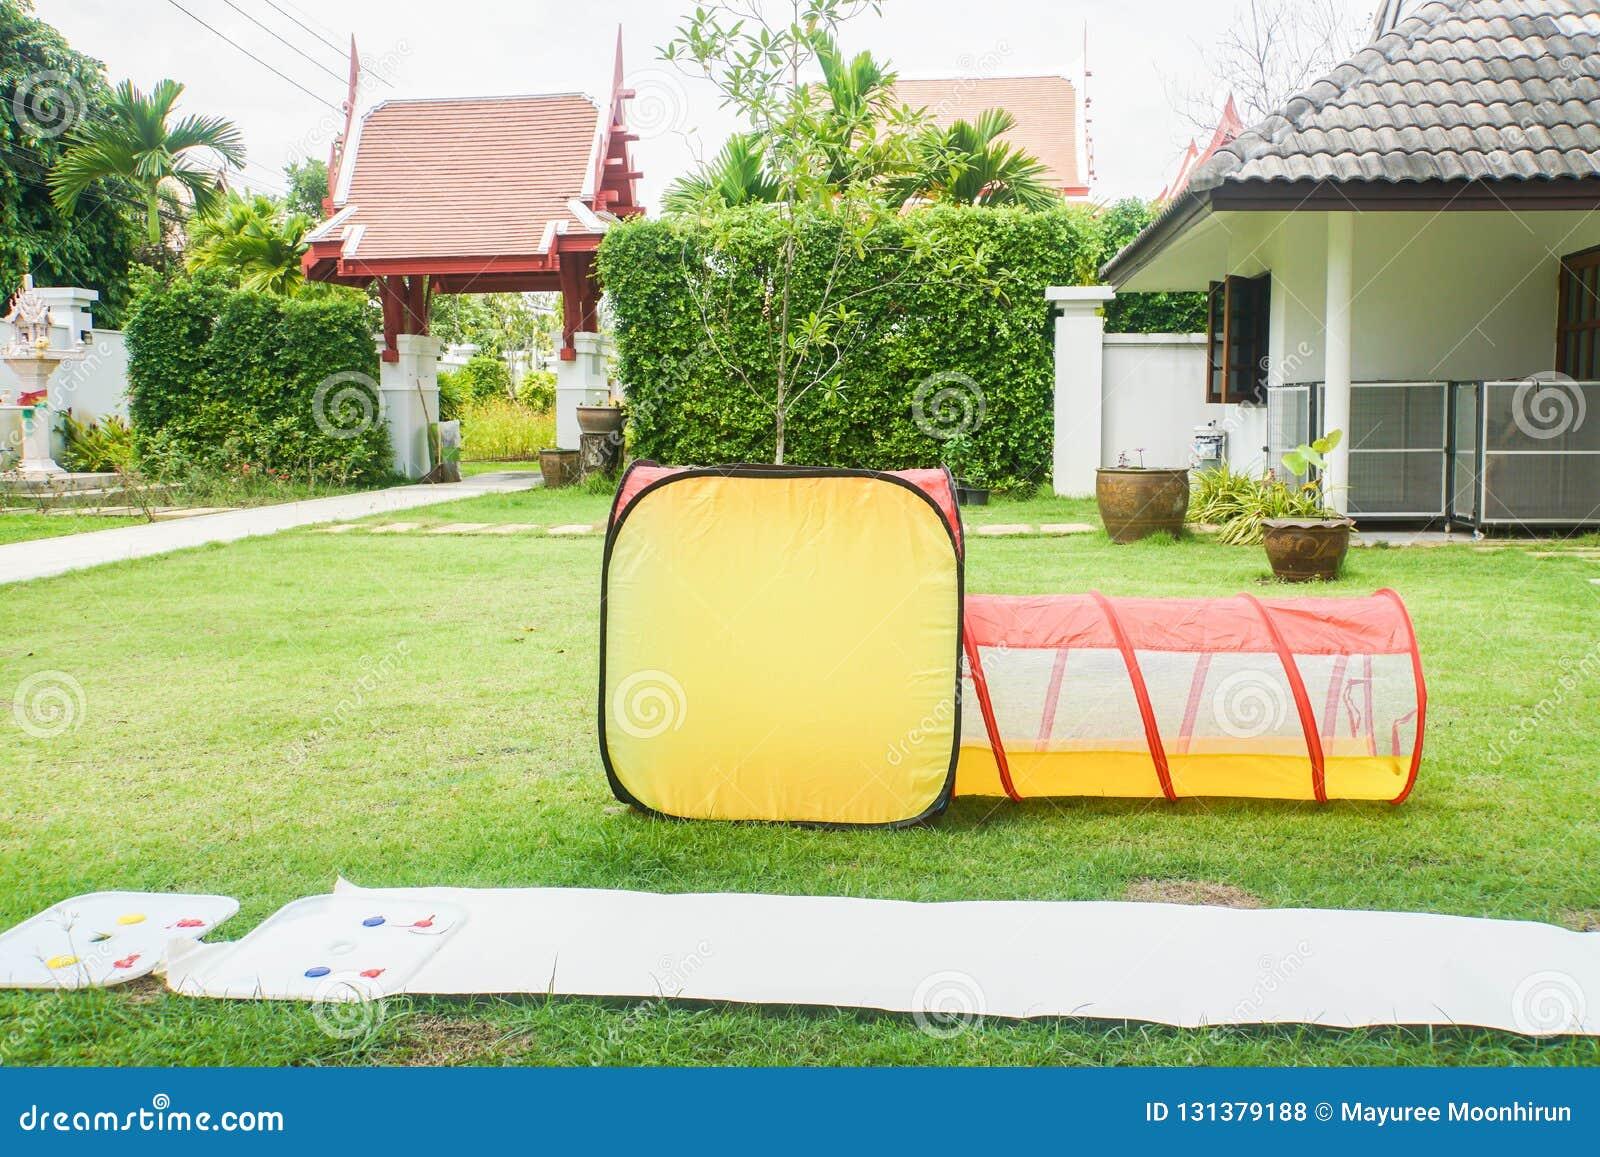 Maison Pour Enfant Exterieur jouet net en plastique d'enfant de tube au terrain de jeu